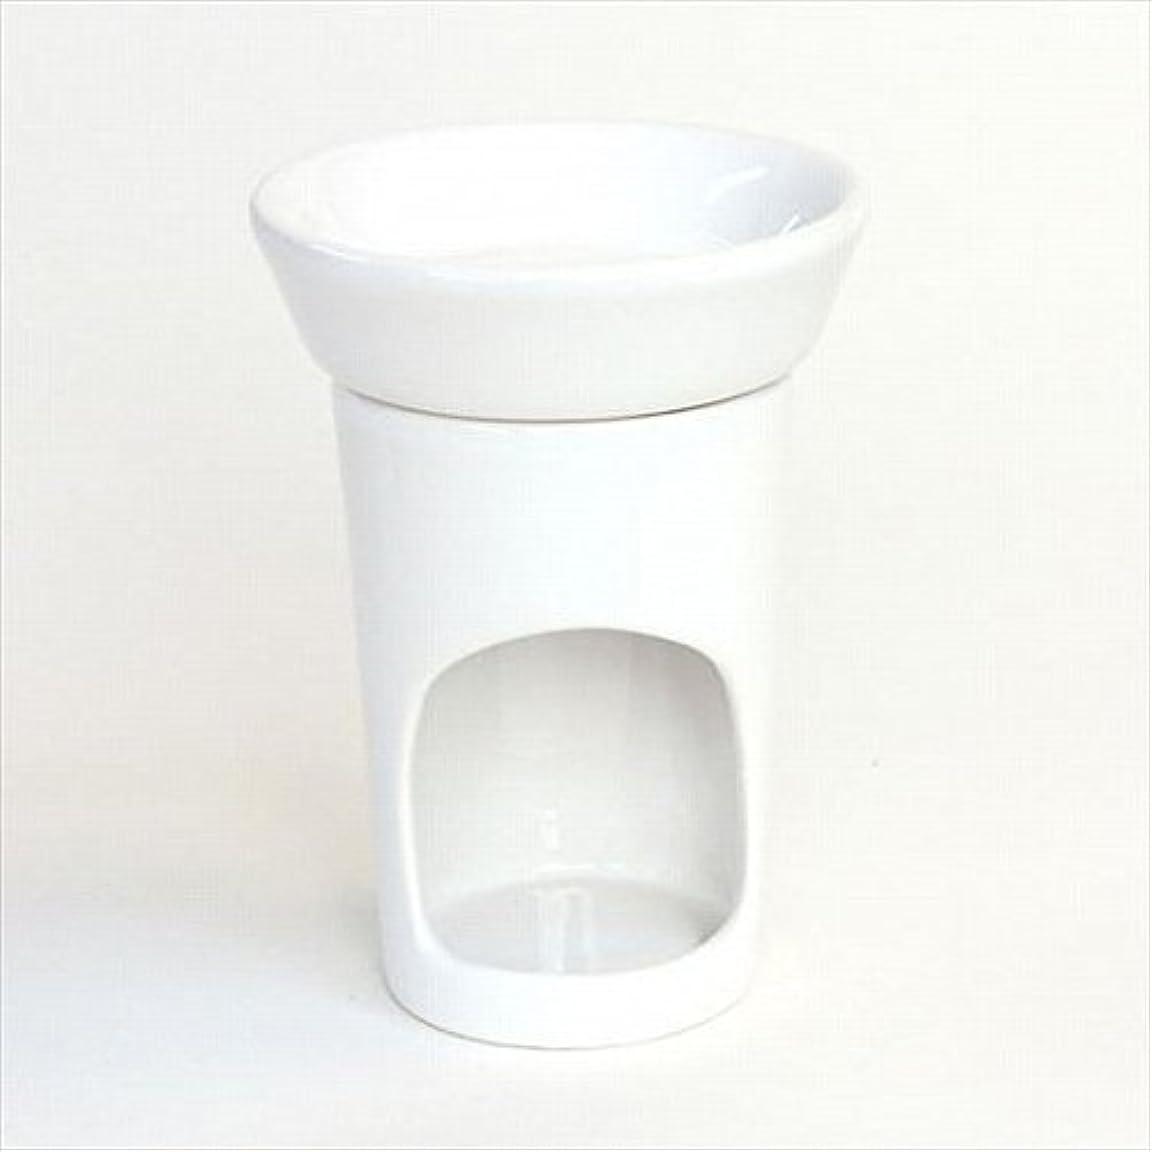 オーナメント痛みドキドキkameyama candle(カメヤマキャンドル) ブランタルトウォーマー キャンドル 78x78x116mm (J5250000)